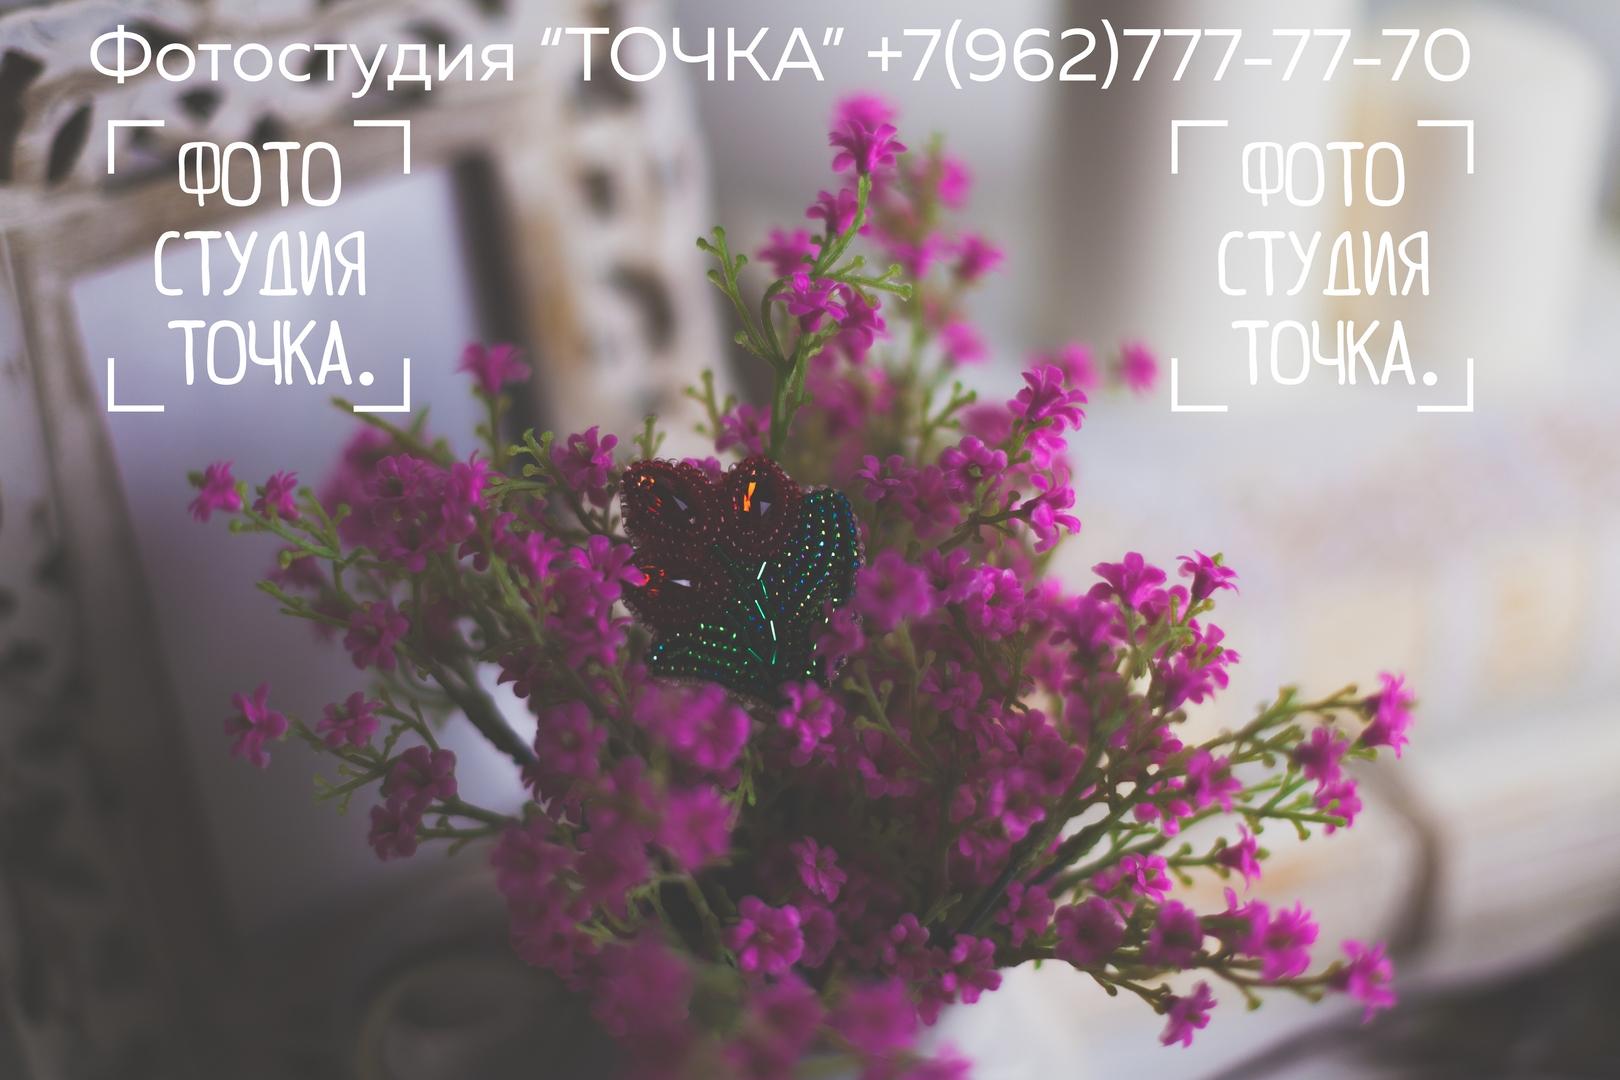 Приглашаем Северчан к нам в ФОТОСТУДИЮ!